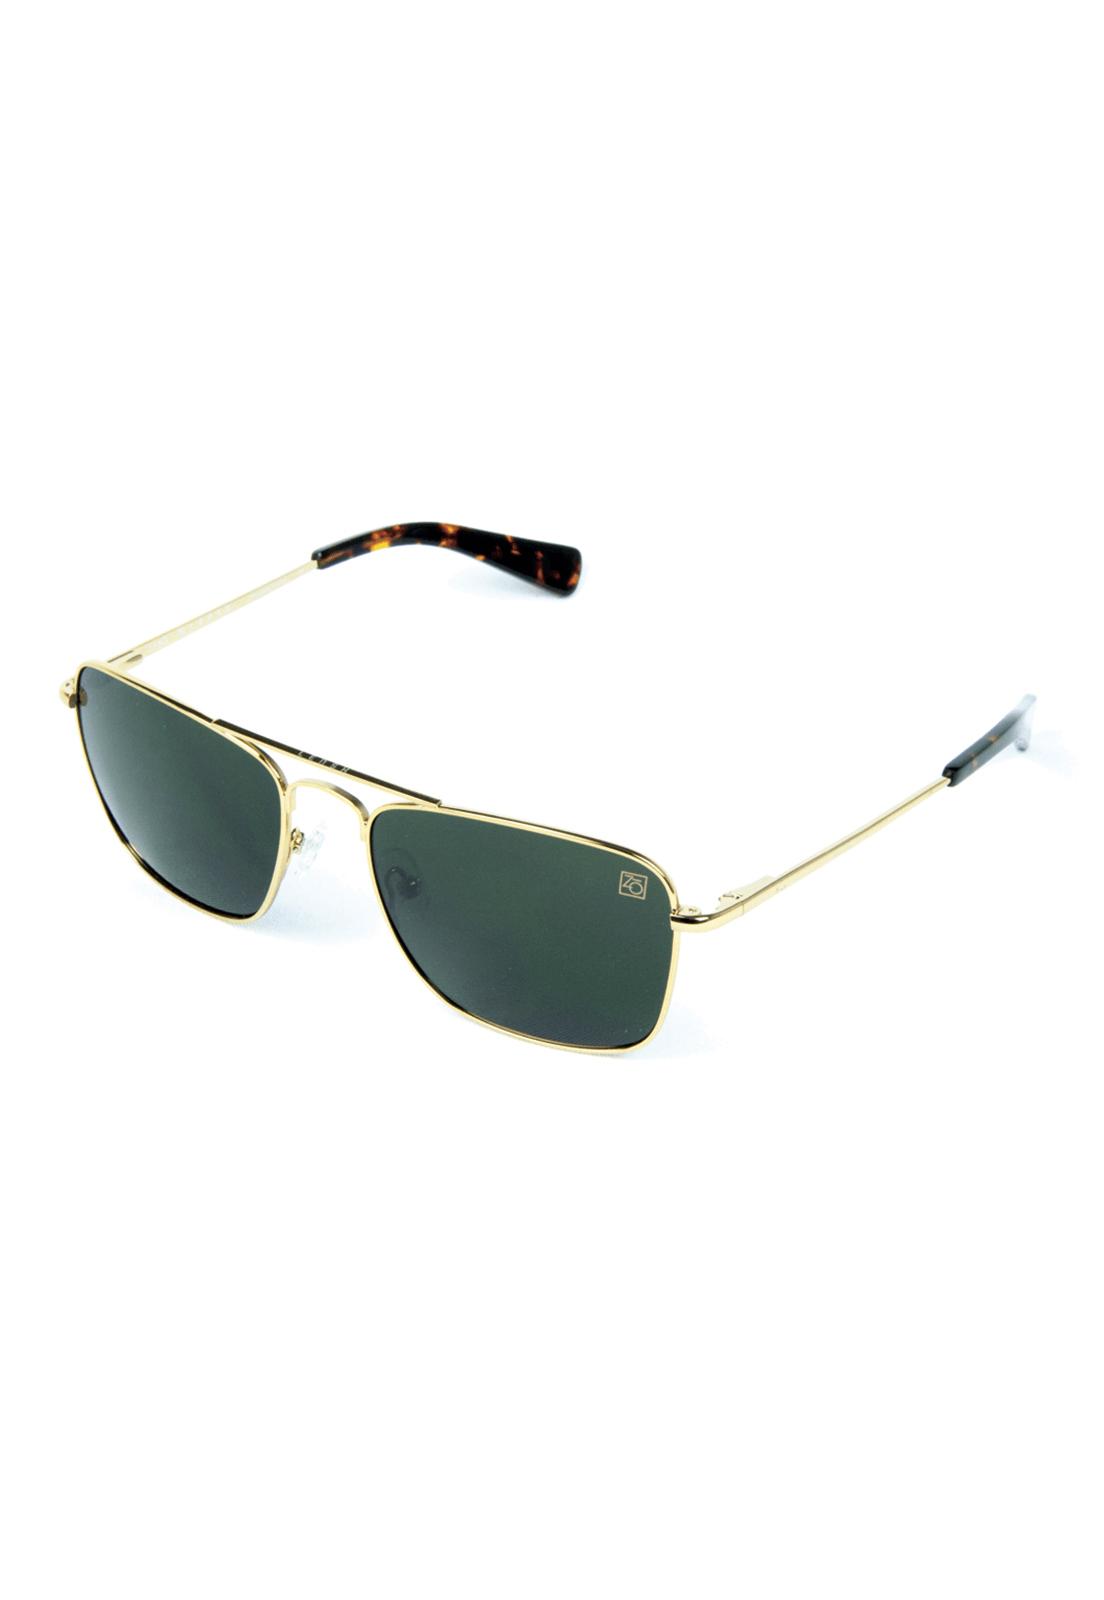 711955cb0 Óculos de Sol Polarizado Banhado a Ouro Zabô Lensk lente Green